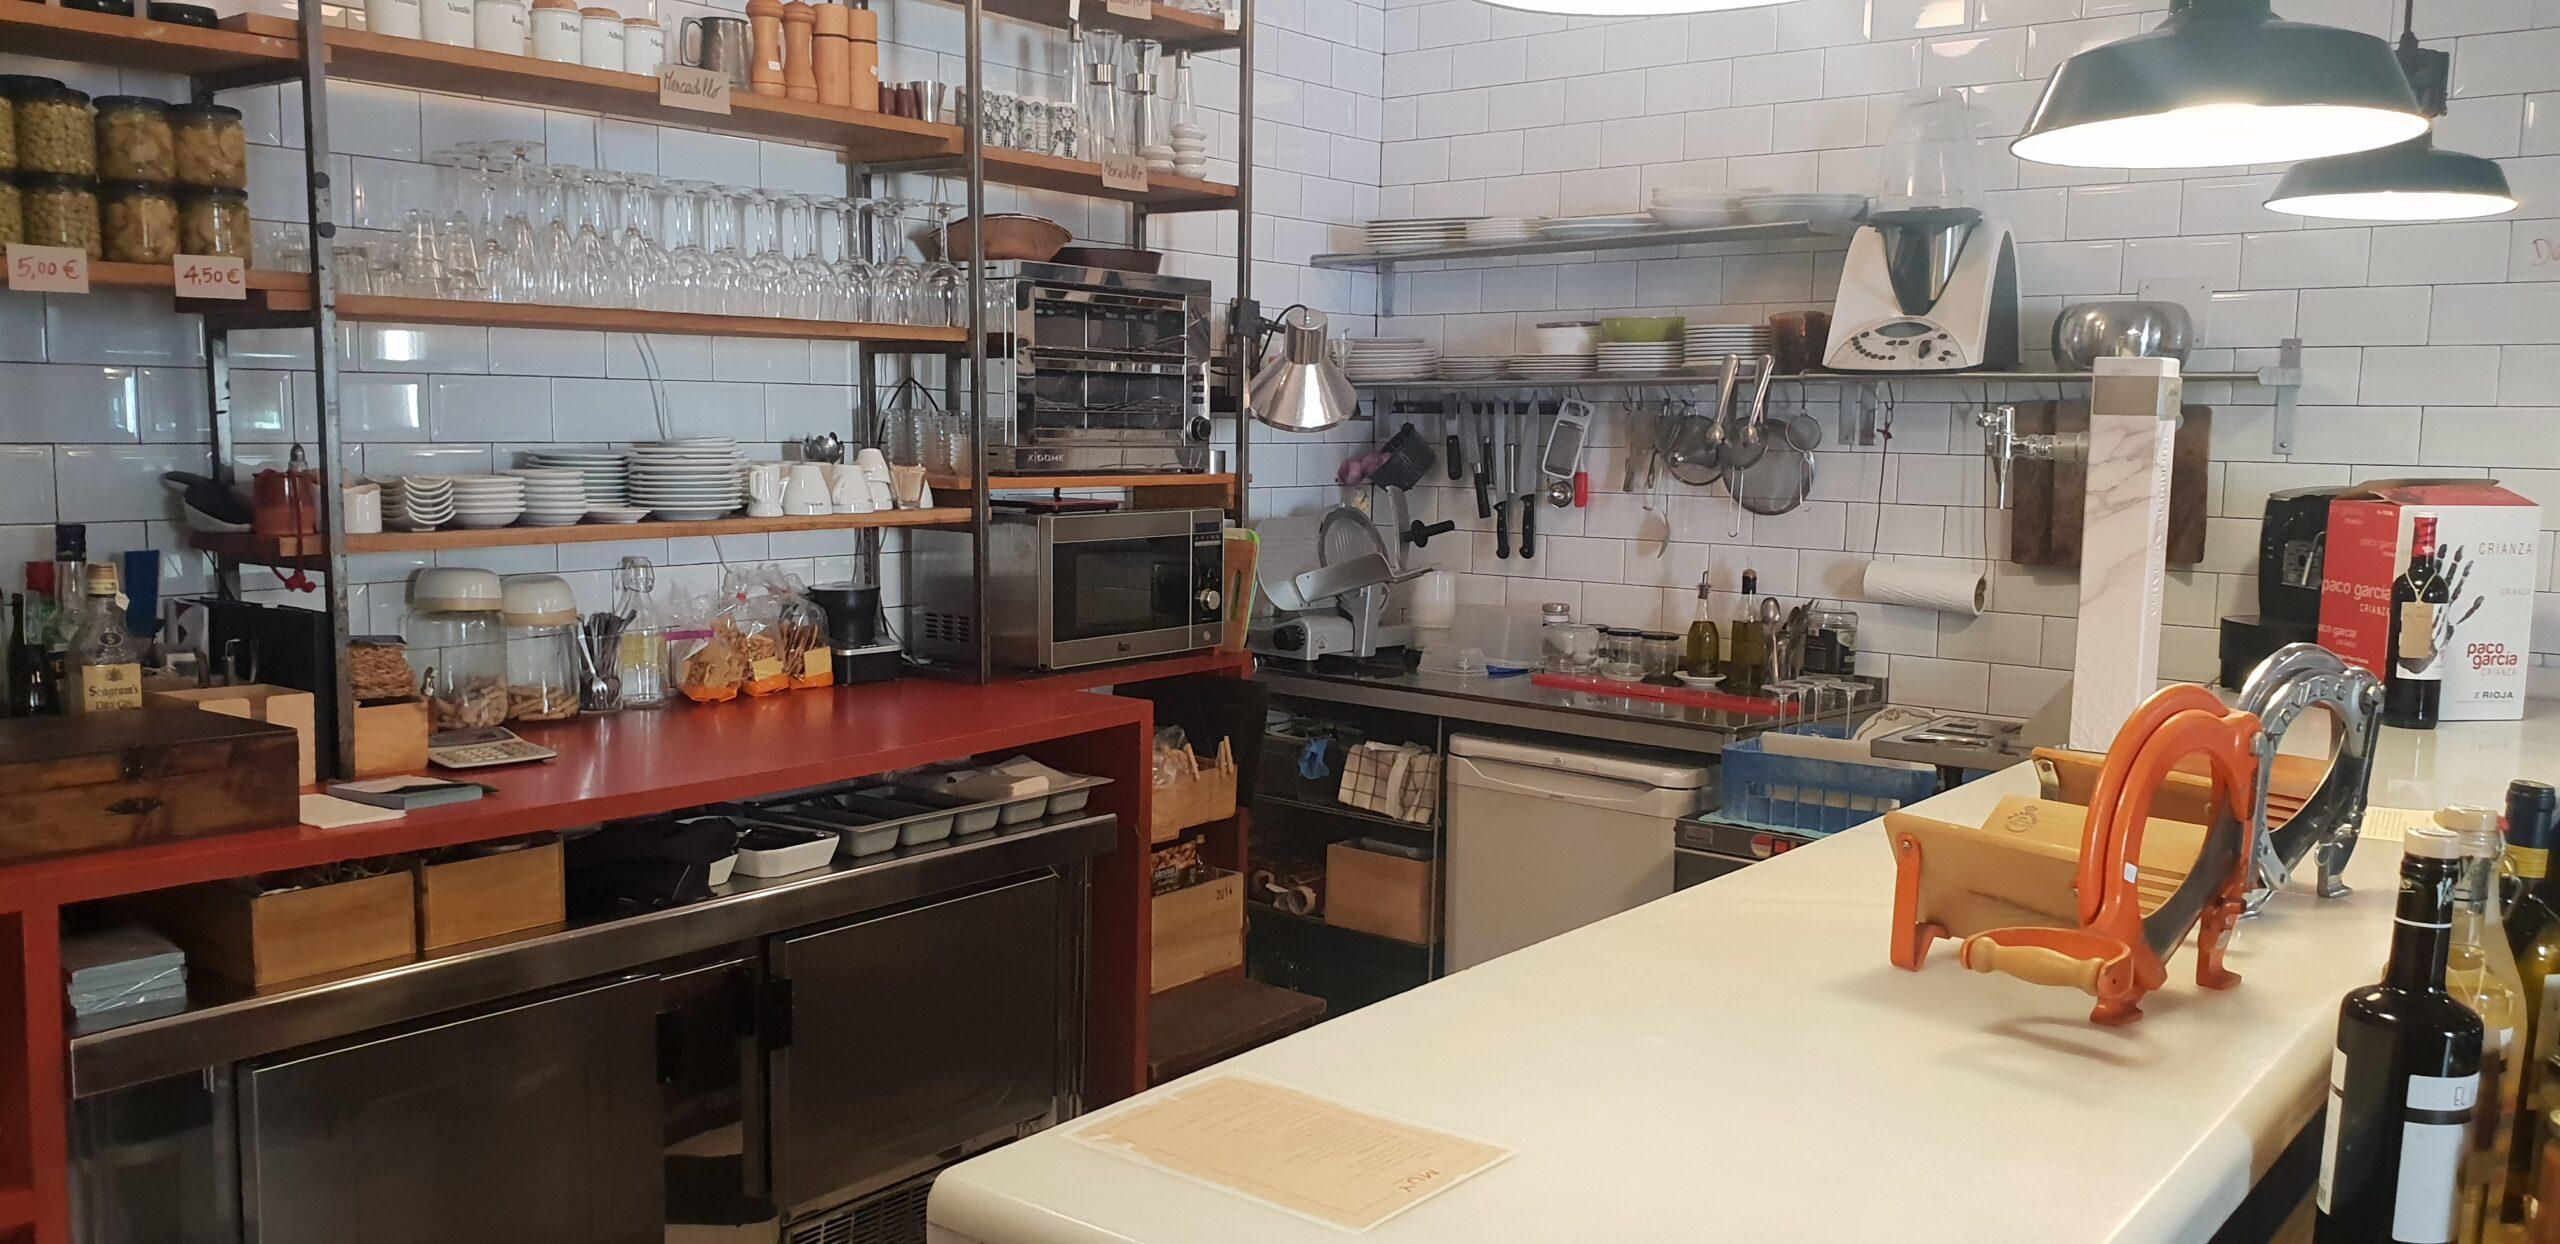 Zona Conde Duque – Se traspasa Bar Cafetería de 40m2